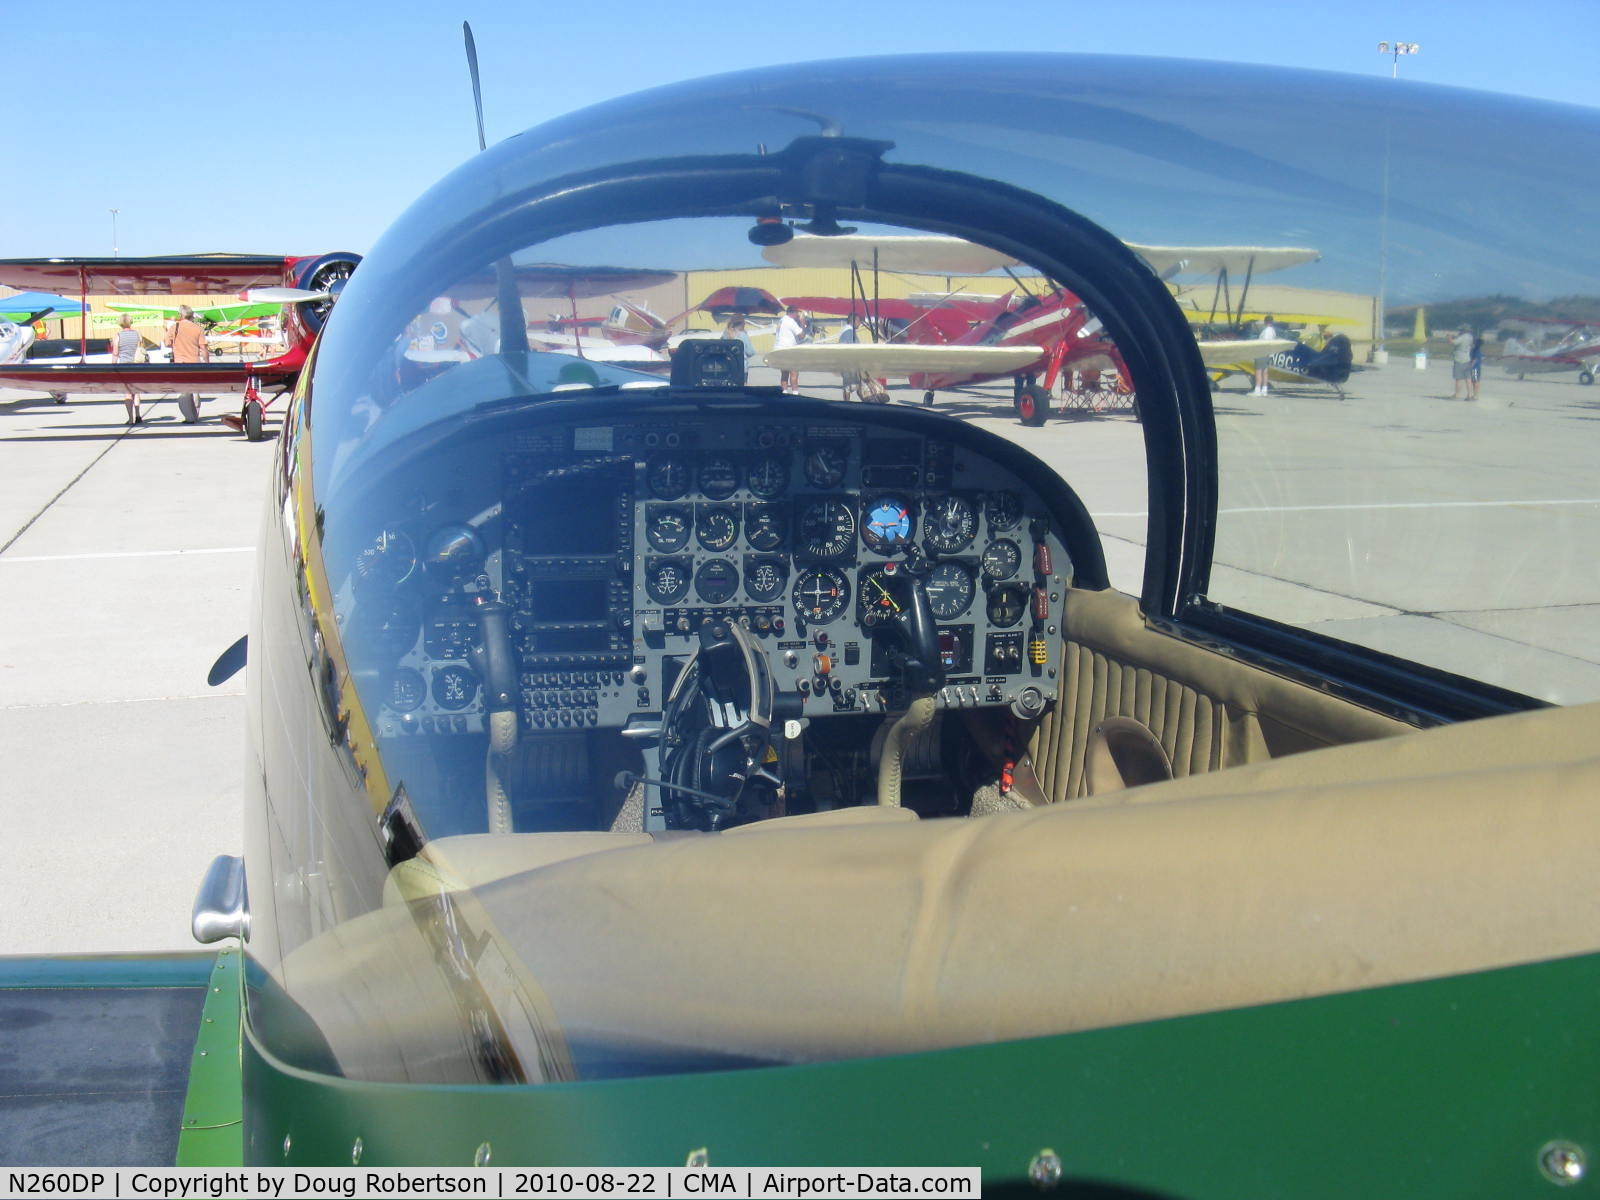 N260DP, 1983 SIAI-Marchetti SF-260TP C/N 009/62-002, 1983 SIAI-Marchetti SF.260TP Allison 250-B17-D Turboprop 350 shp, flown from right side